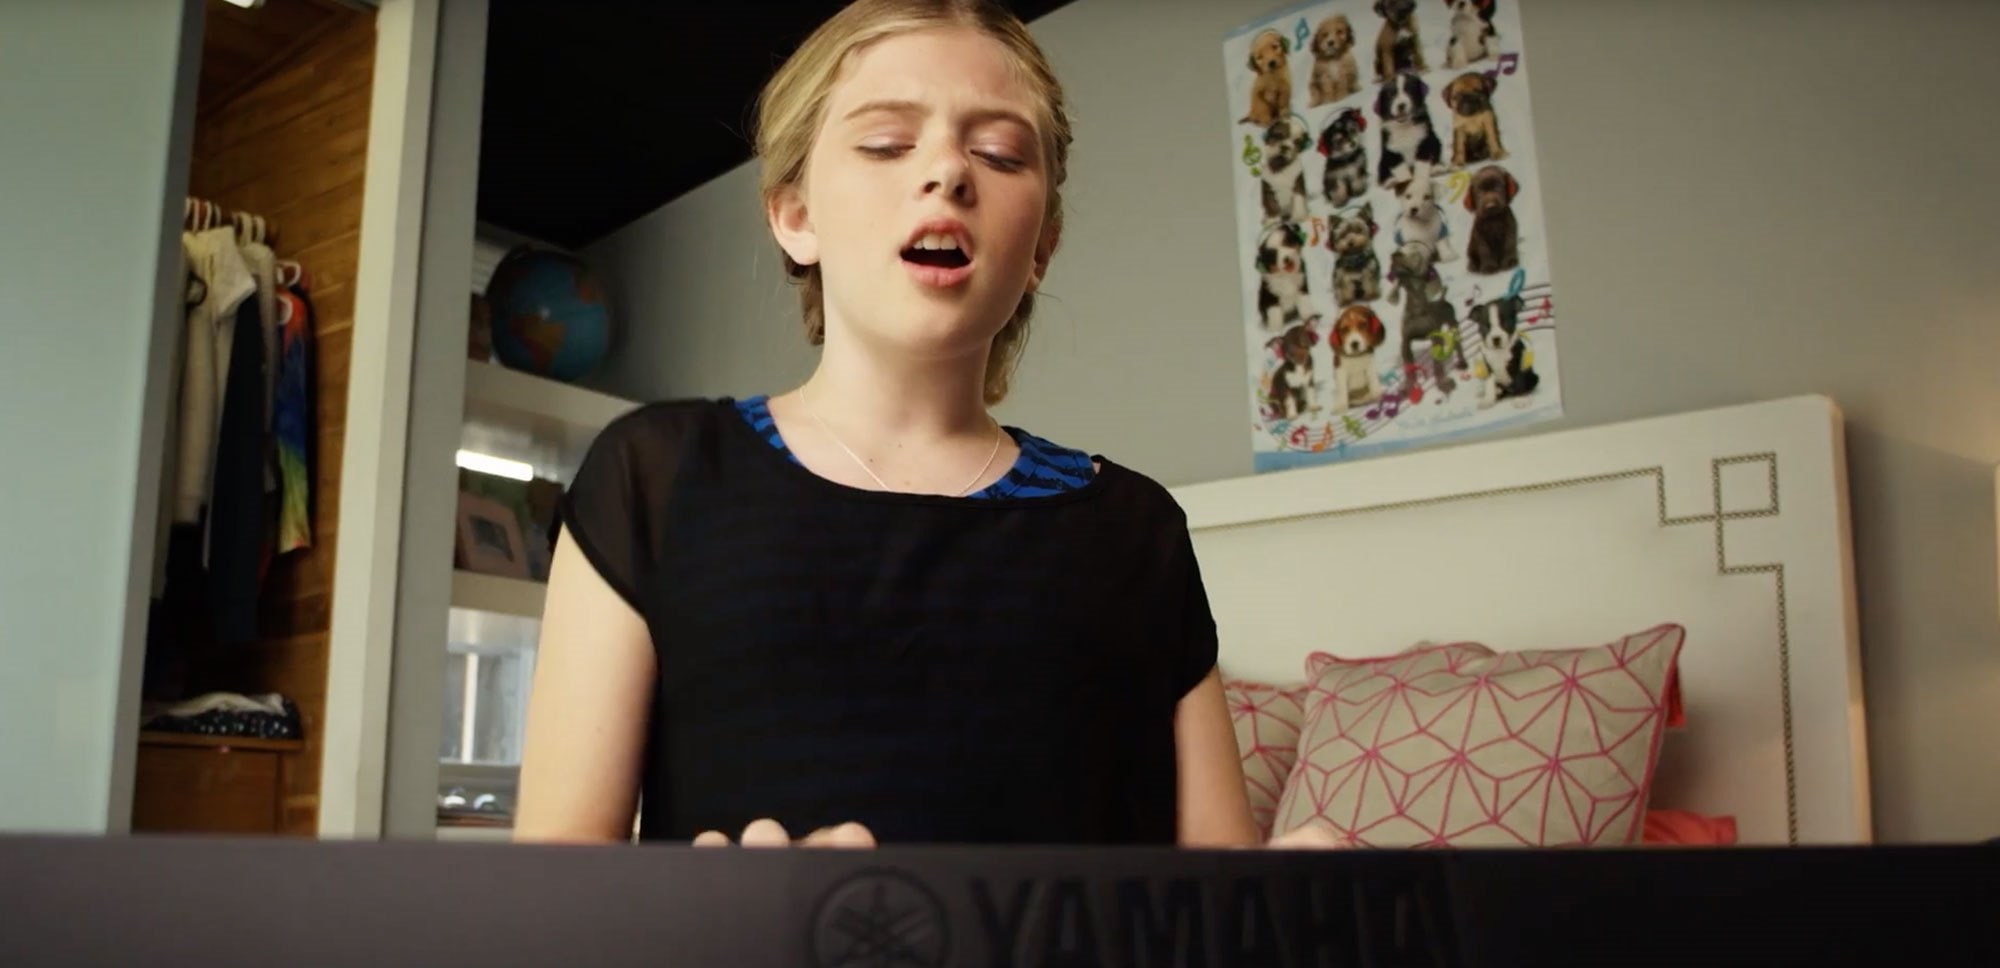 Descubre un mundo lleno de música con los teclados de Yamaha ... 5ed76d7a6b2